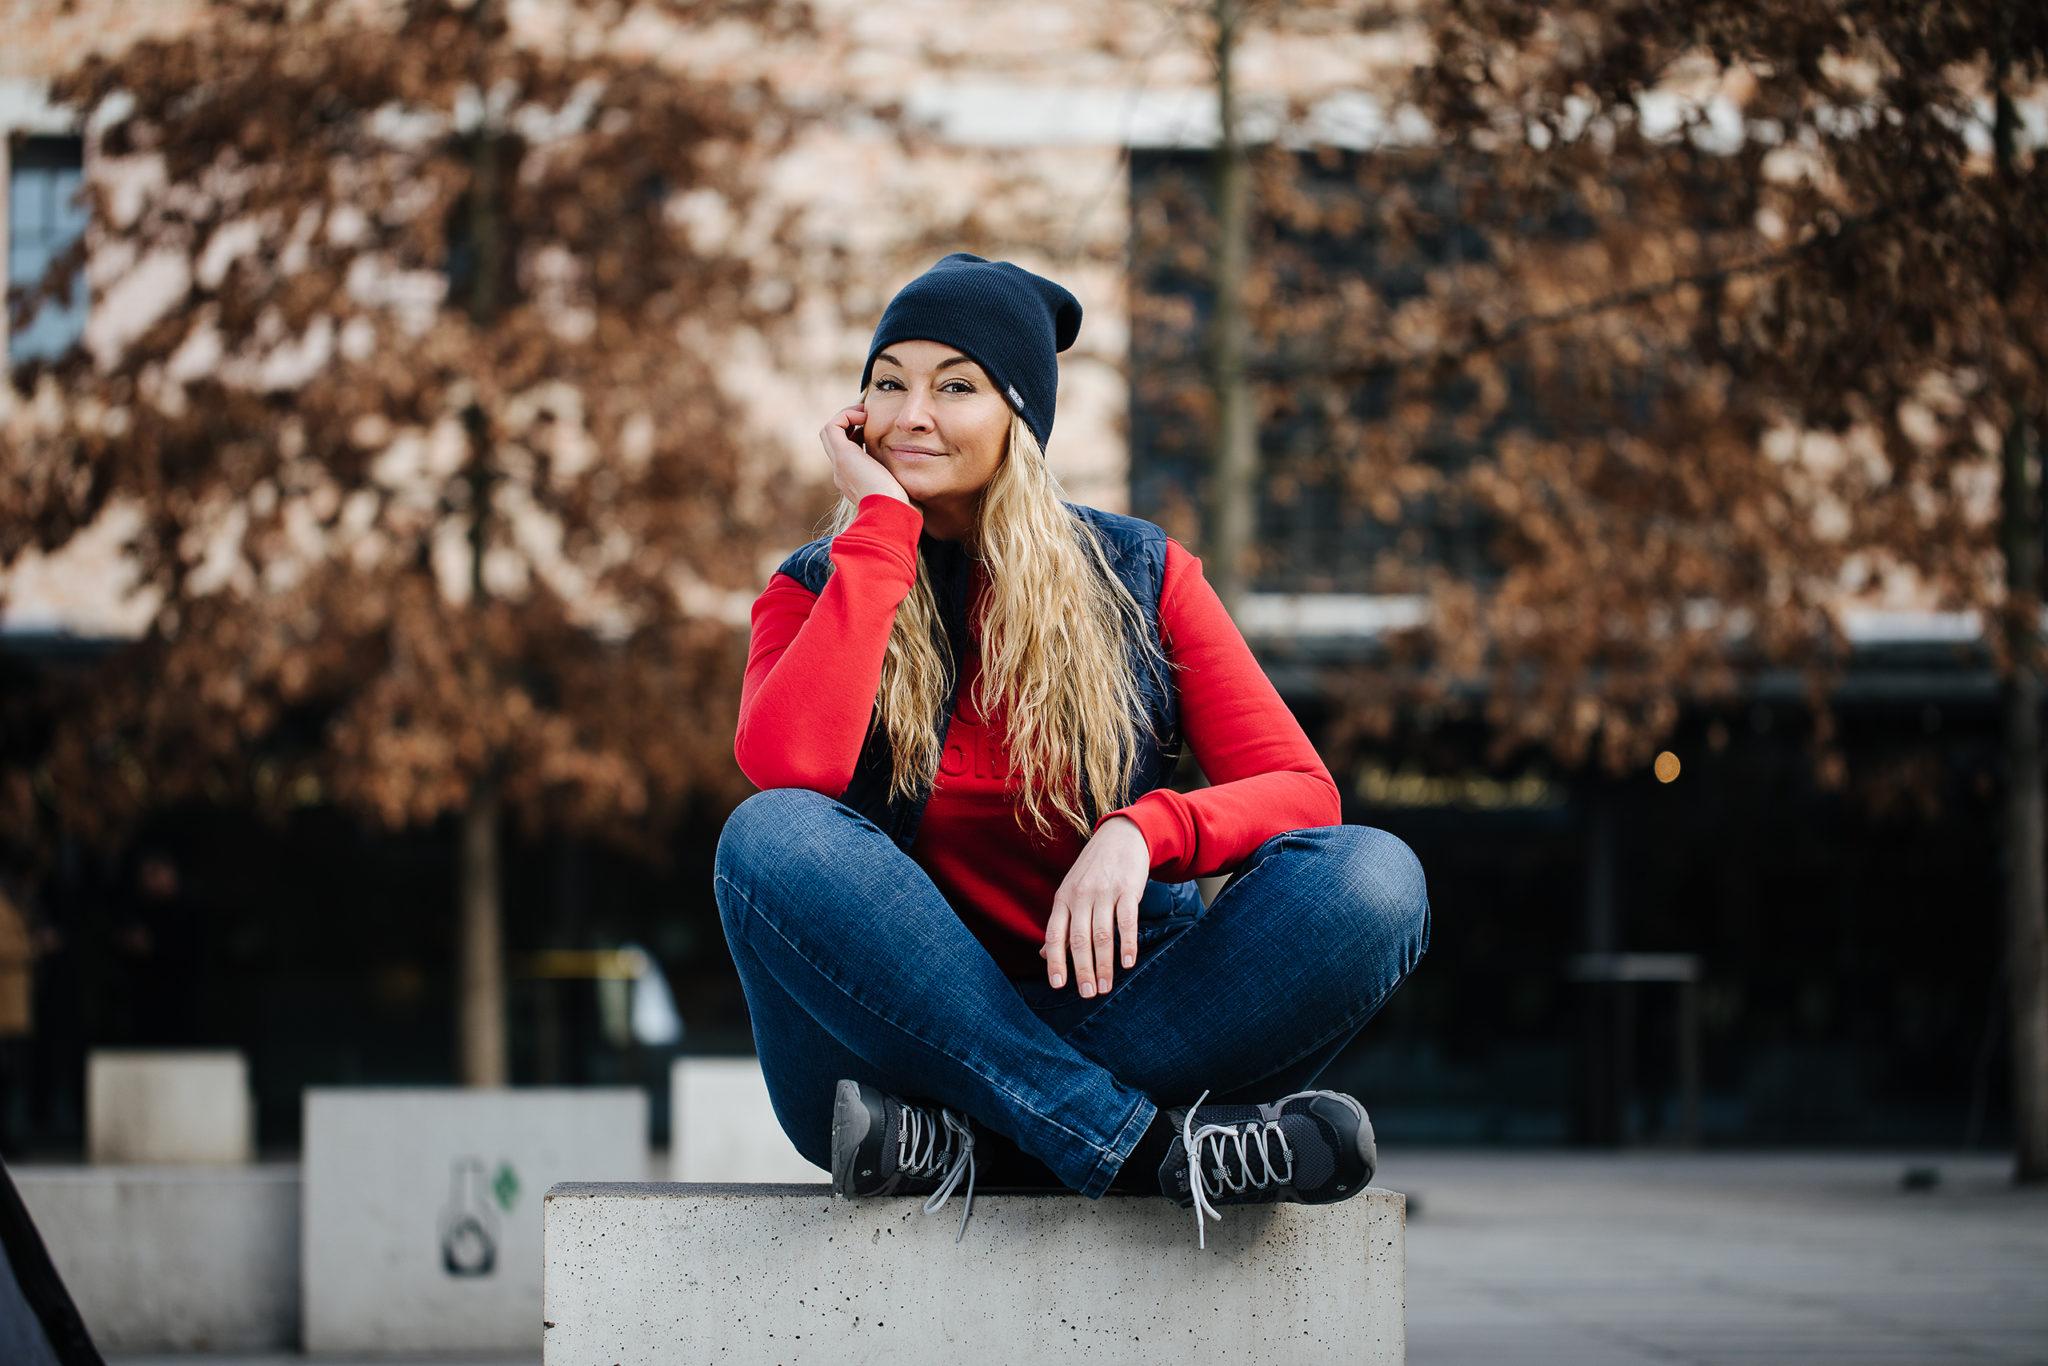 Martyna Wojciechowska w odzieży sportowej siedząca na betonowej ławce